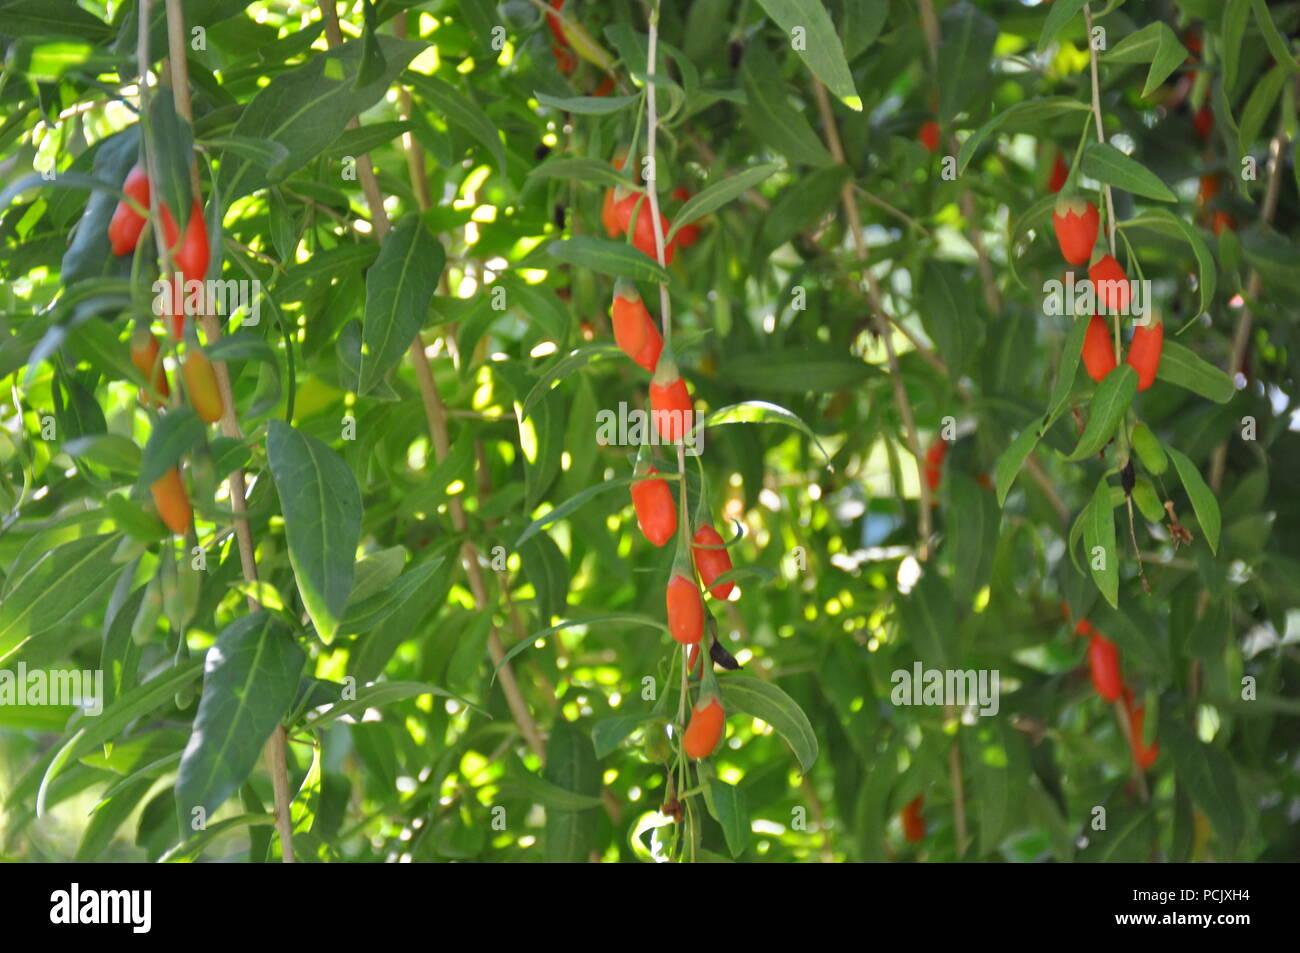 Goji Berry Plant Stock Photo Alamy